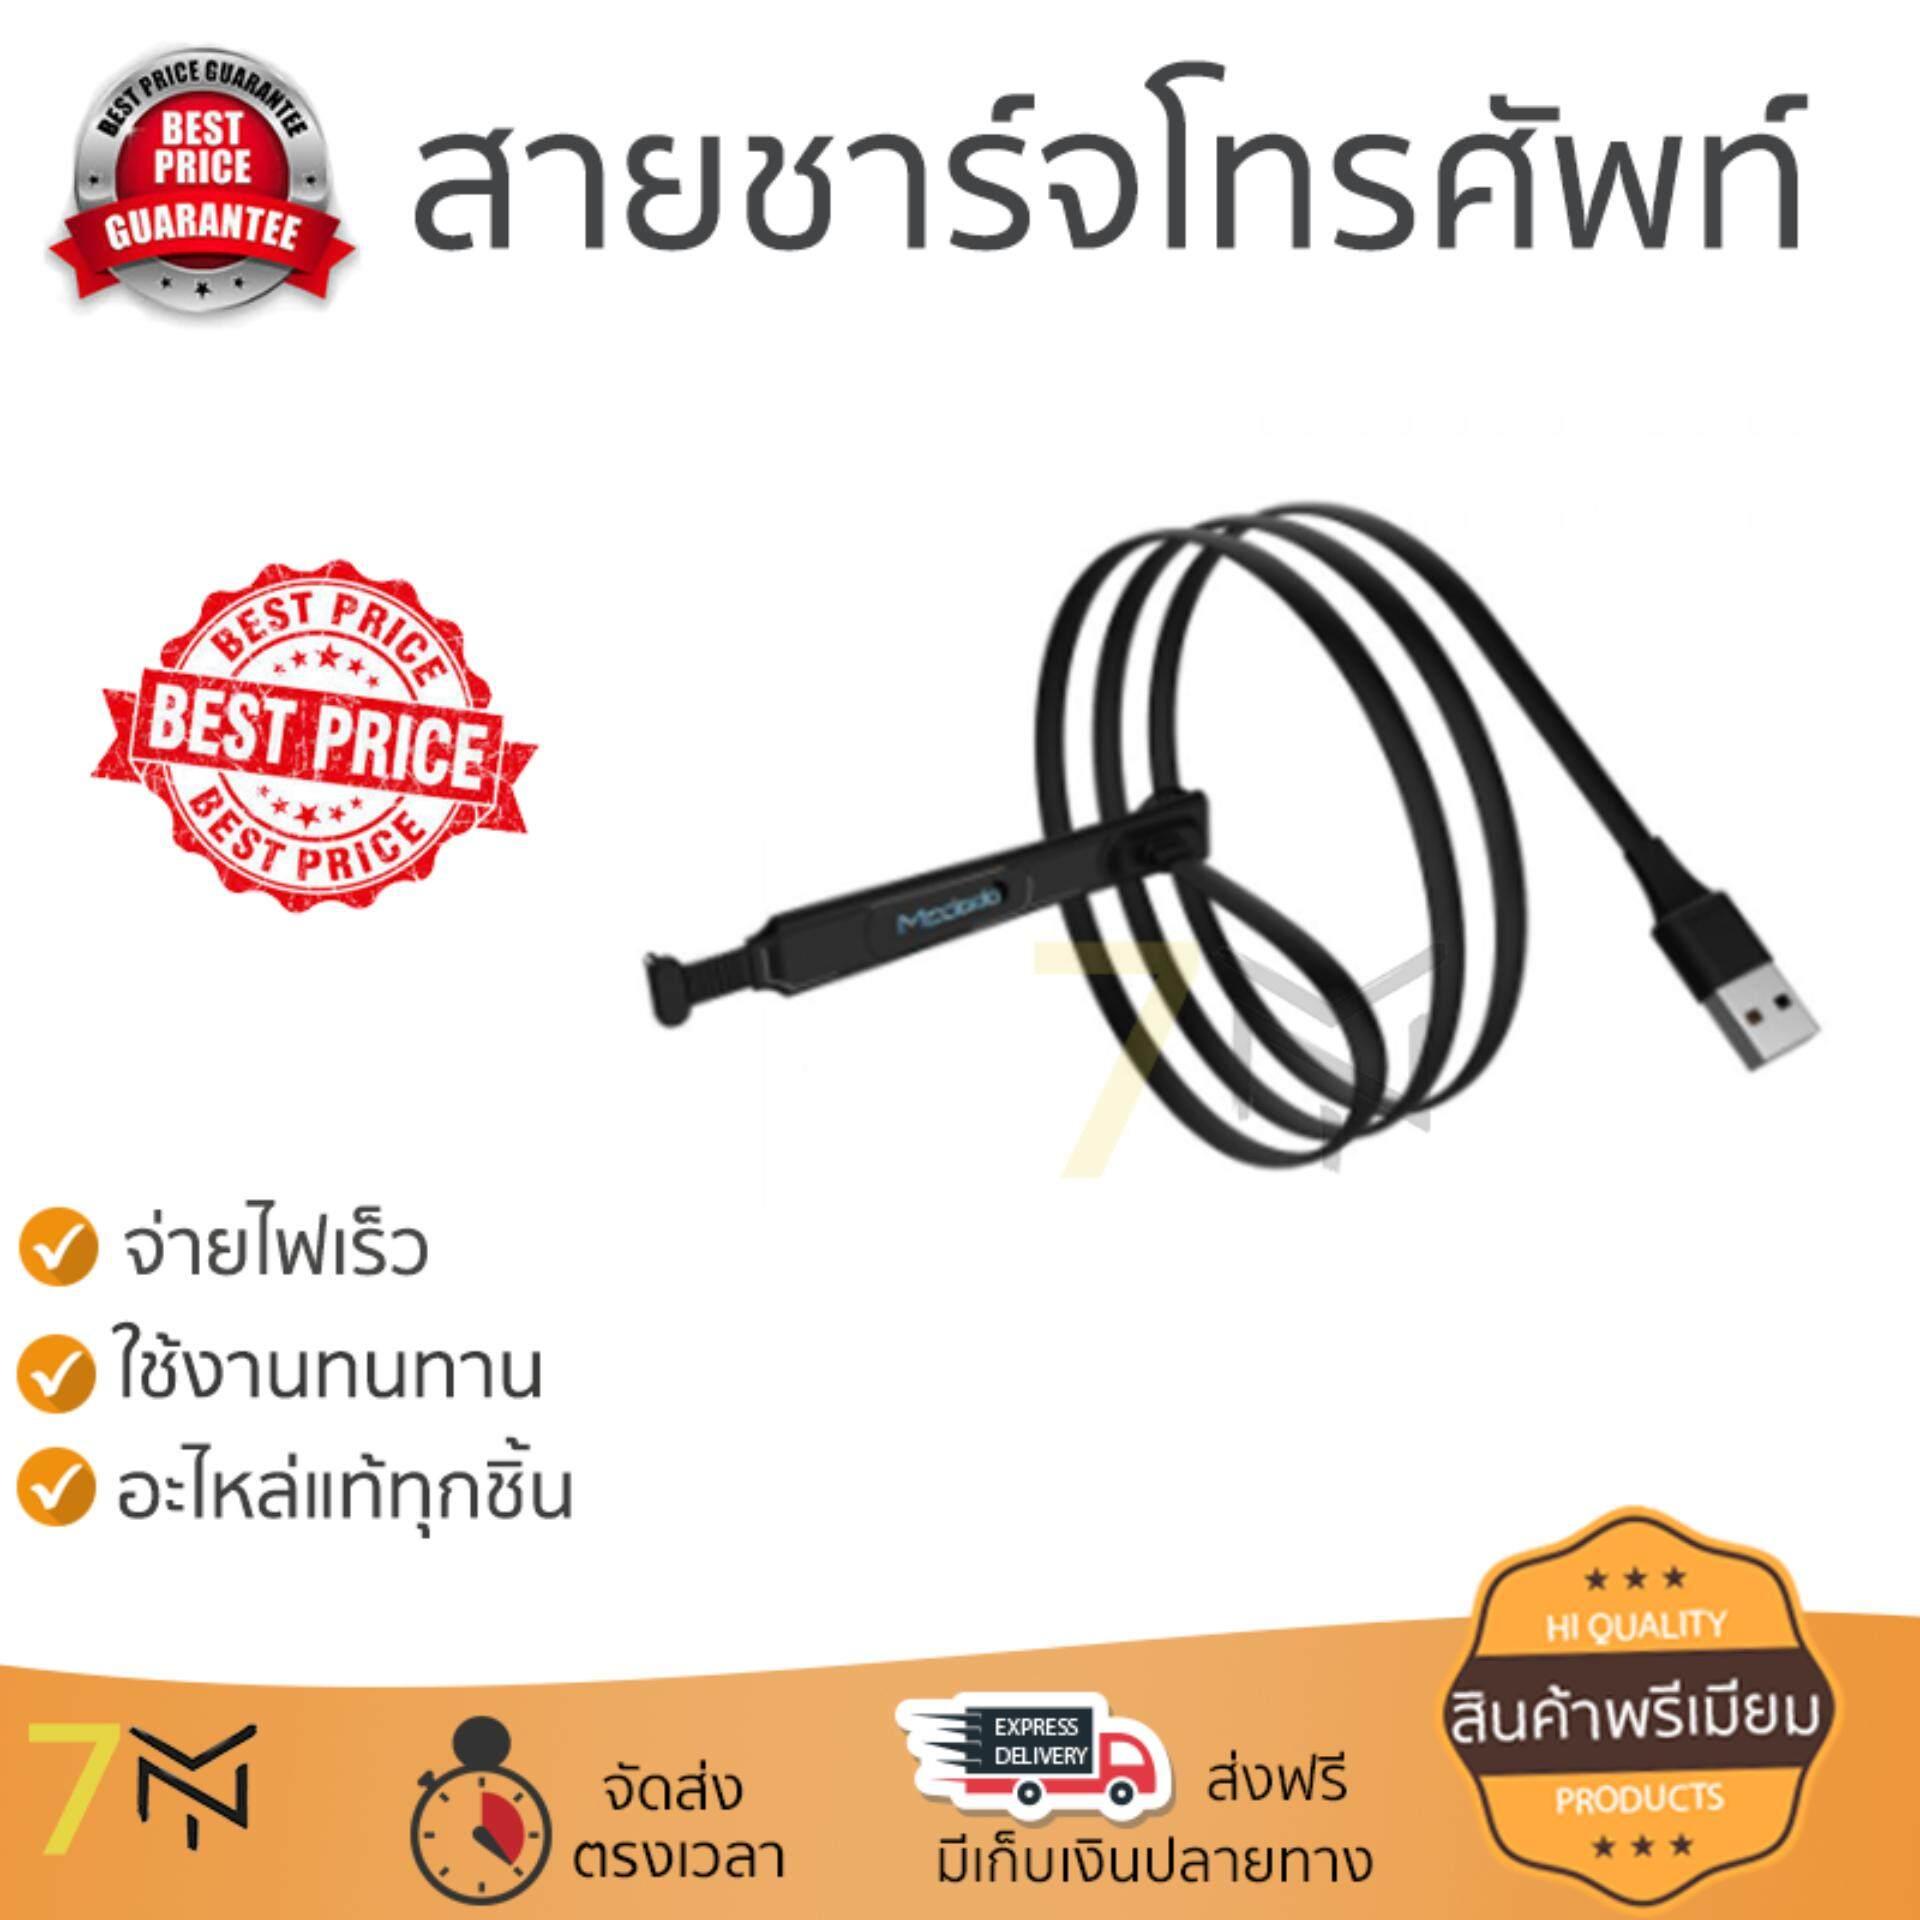 เก็บเงินปลายทางได้ ราคาพิเศษ รุ่นยอดนิยม สายชาร์จโทรศัพท์ MCDODO Gaming USB-C to USB-C Cable 1.8M. Black (IMP) สายชาร์จทนทาน แข็งแรง จ่ายไฟเร็ว Mobile Cable จัดส่งฟรี Kerry ทั่วประเทศ